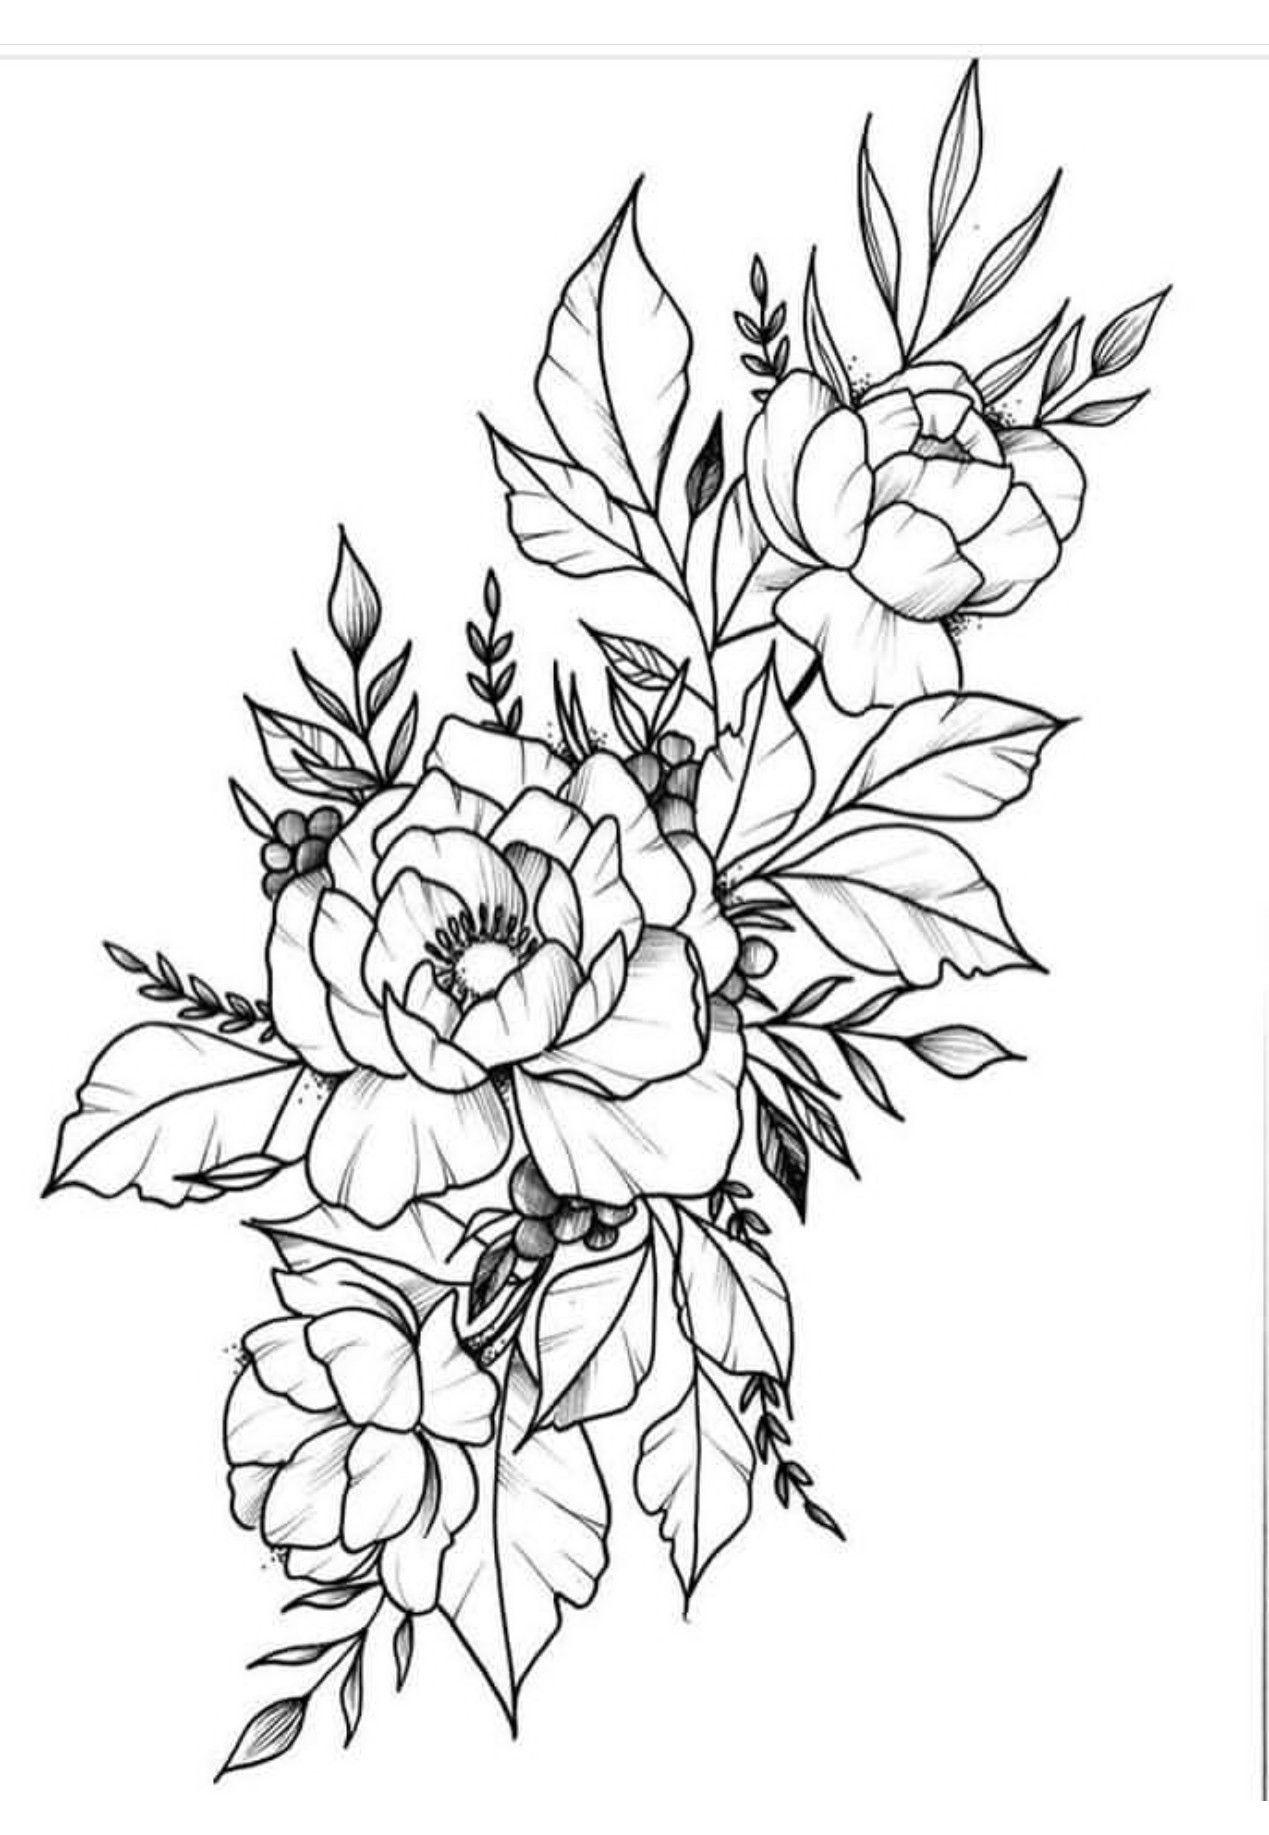 pin by brandi stam on tattoos flower tattoos tattoos flower tattoo drawings